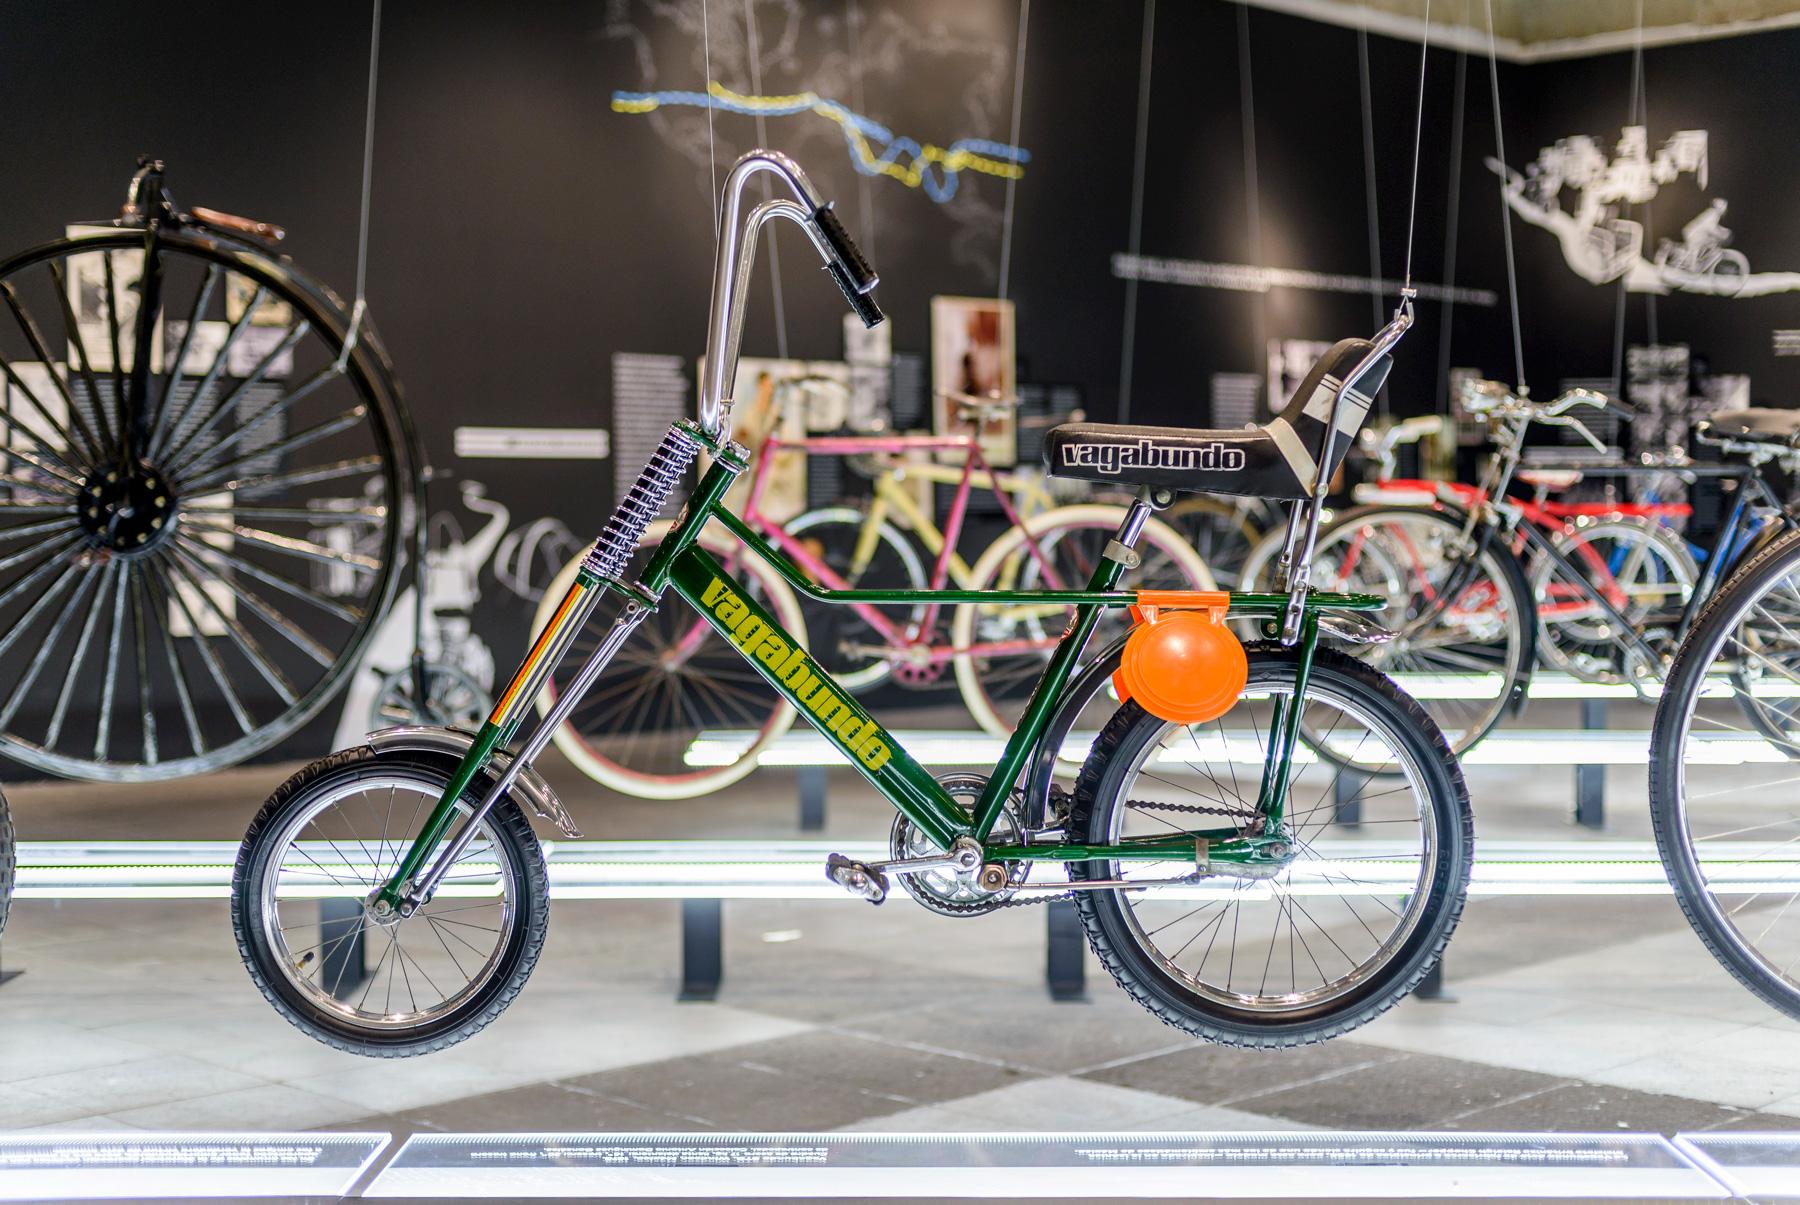 Rueda exposición de bicicletas hasta el Museo del Ferrocarril